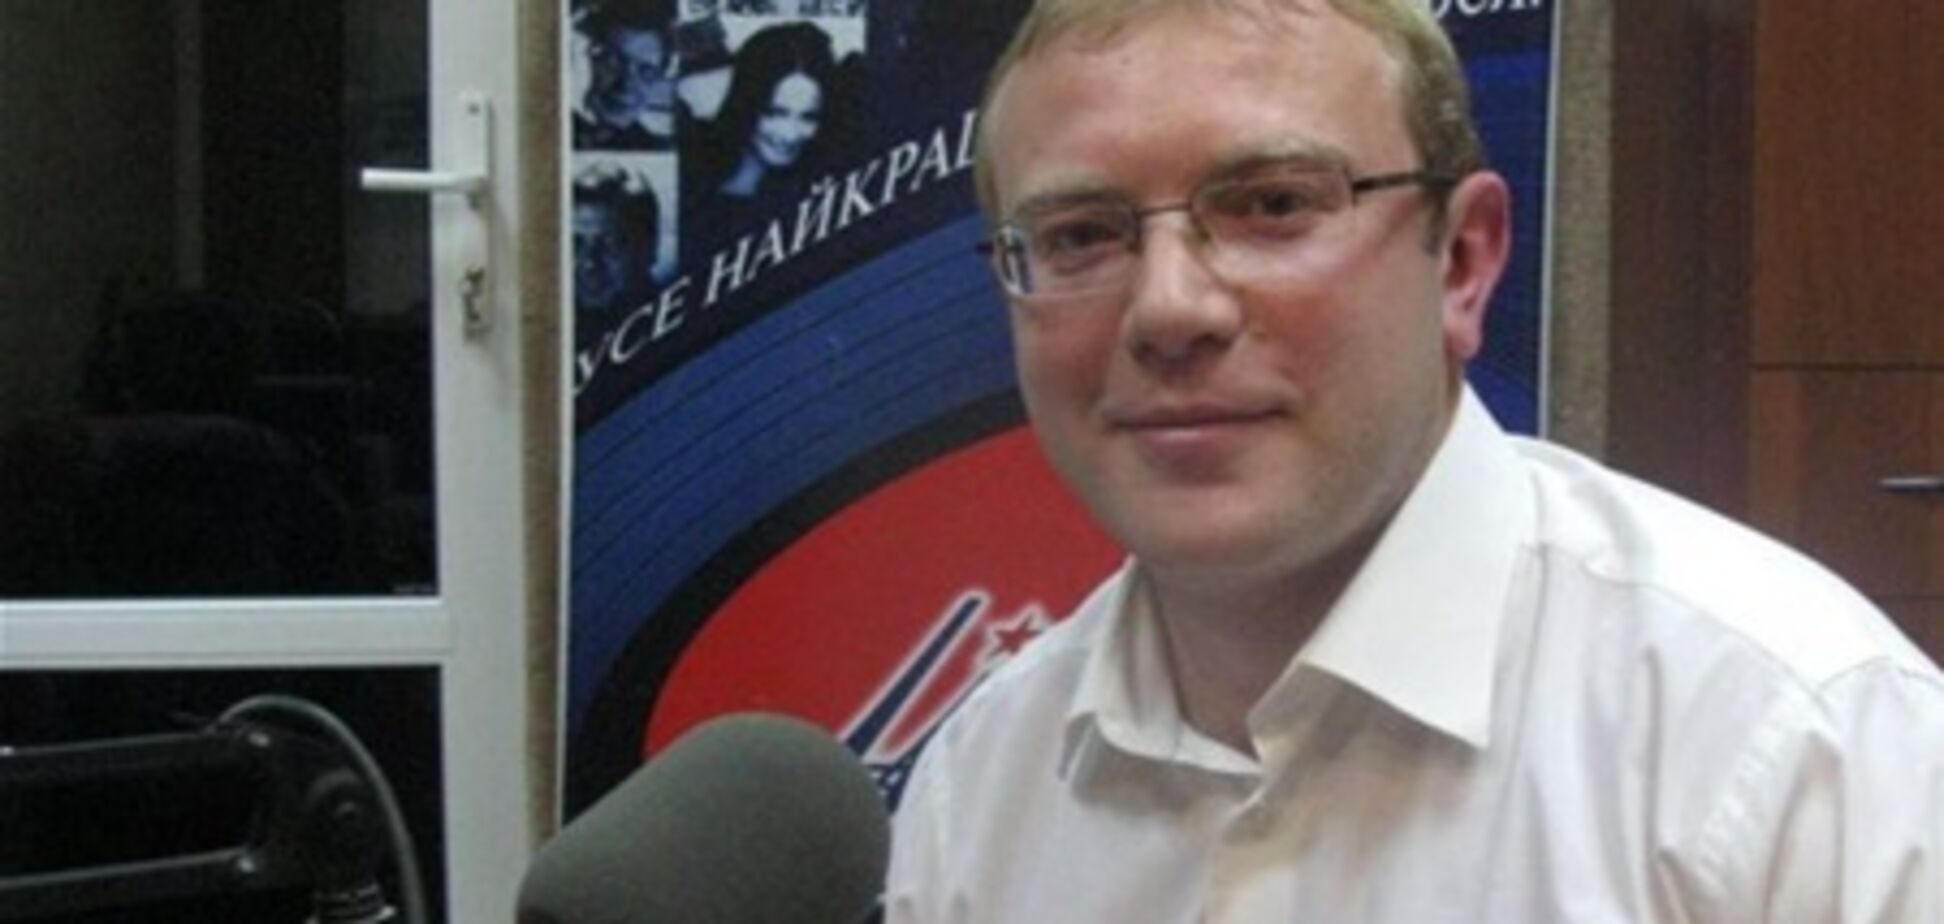 Шокуюче фото нардепа Шевченка в молодості